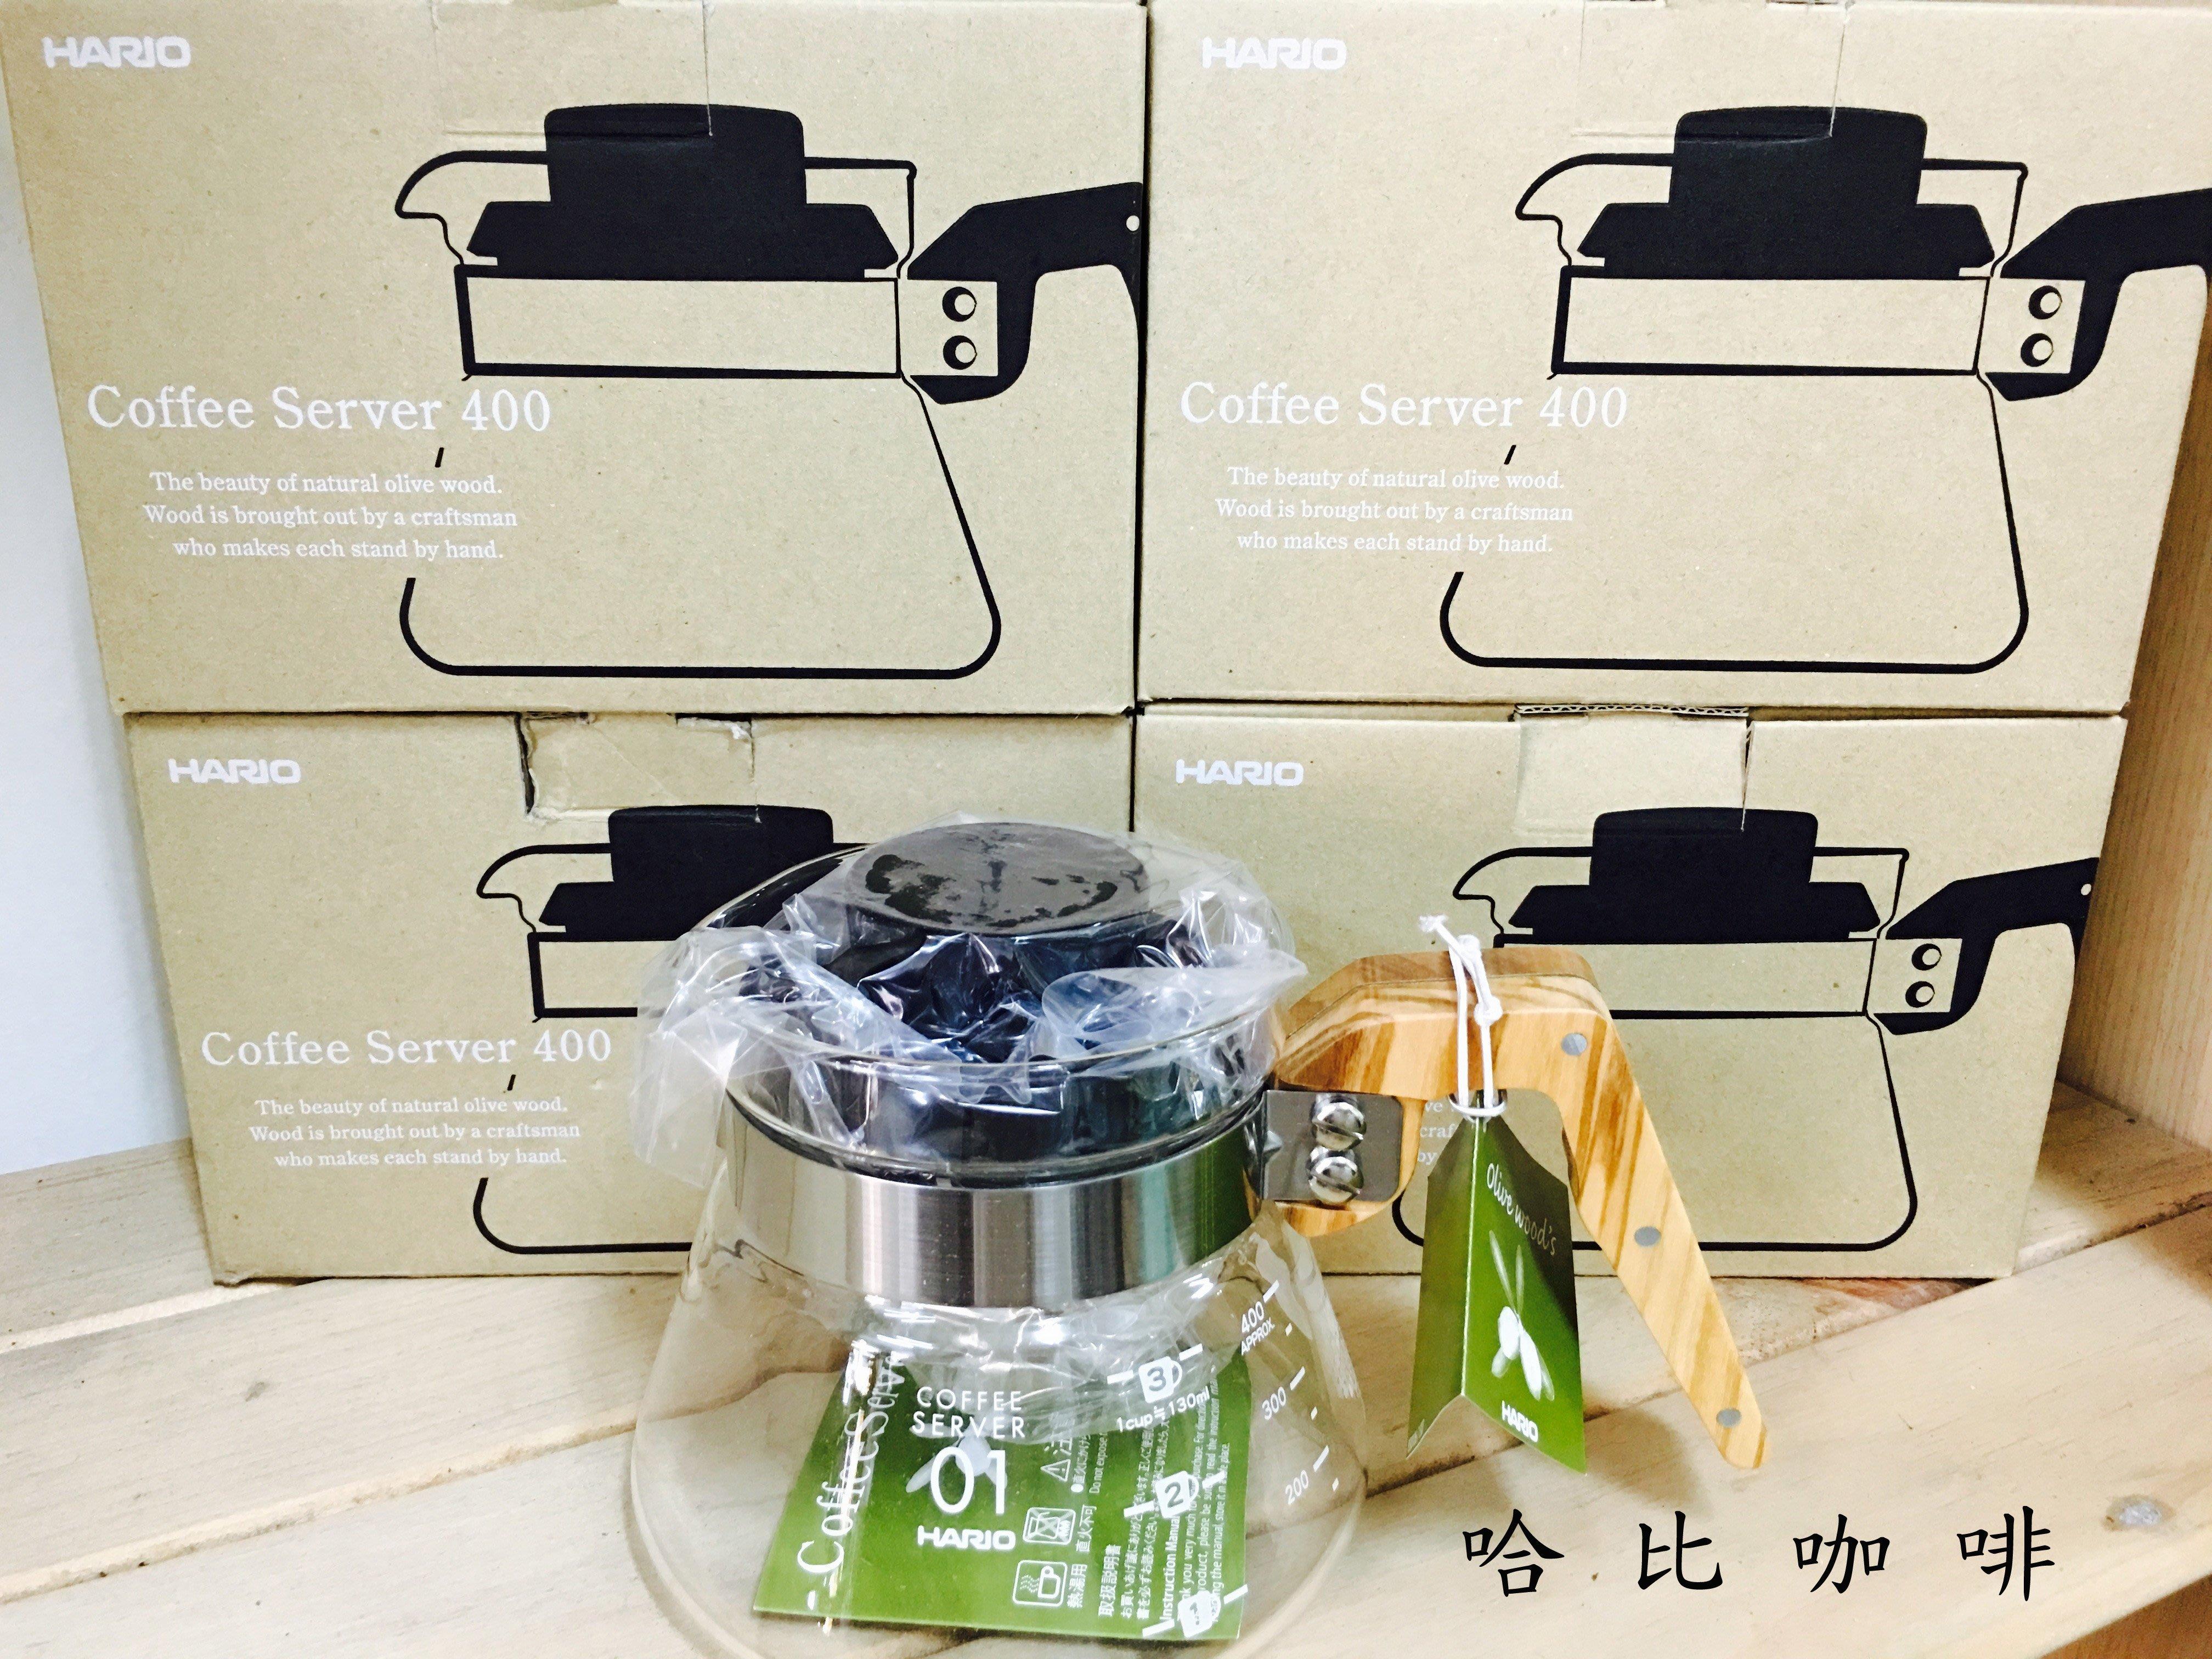 【豐原哈比店面經營】日本製 HARIO VCW-40-OV 橄欖木耐熱咖啡壺-400CC  現貨供應